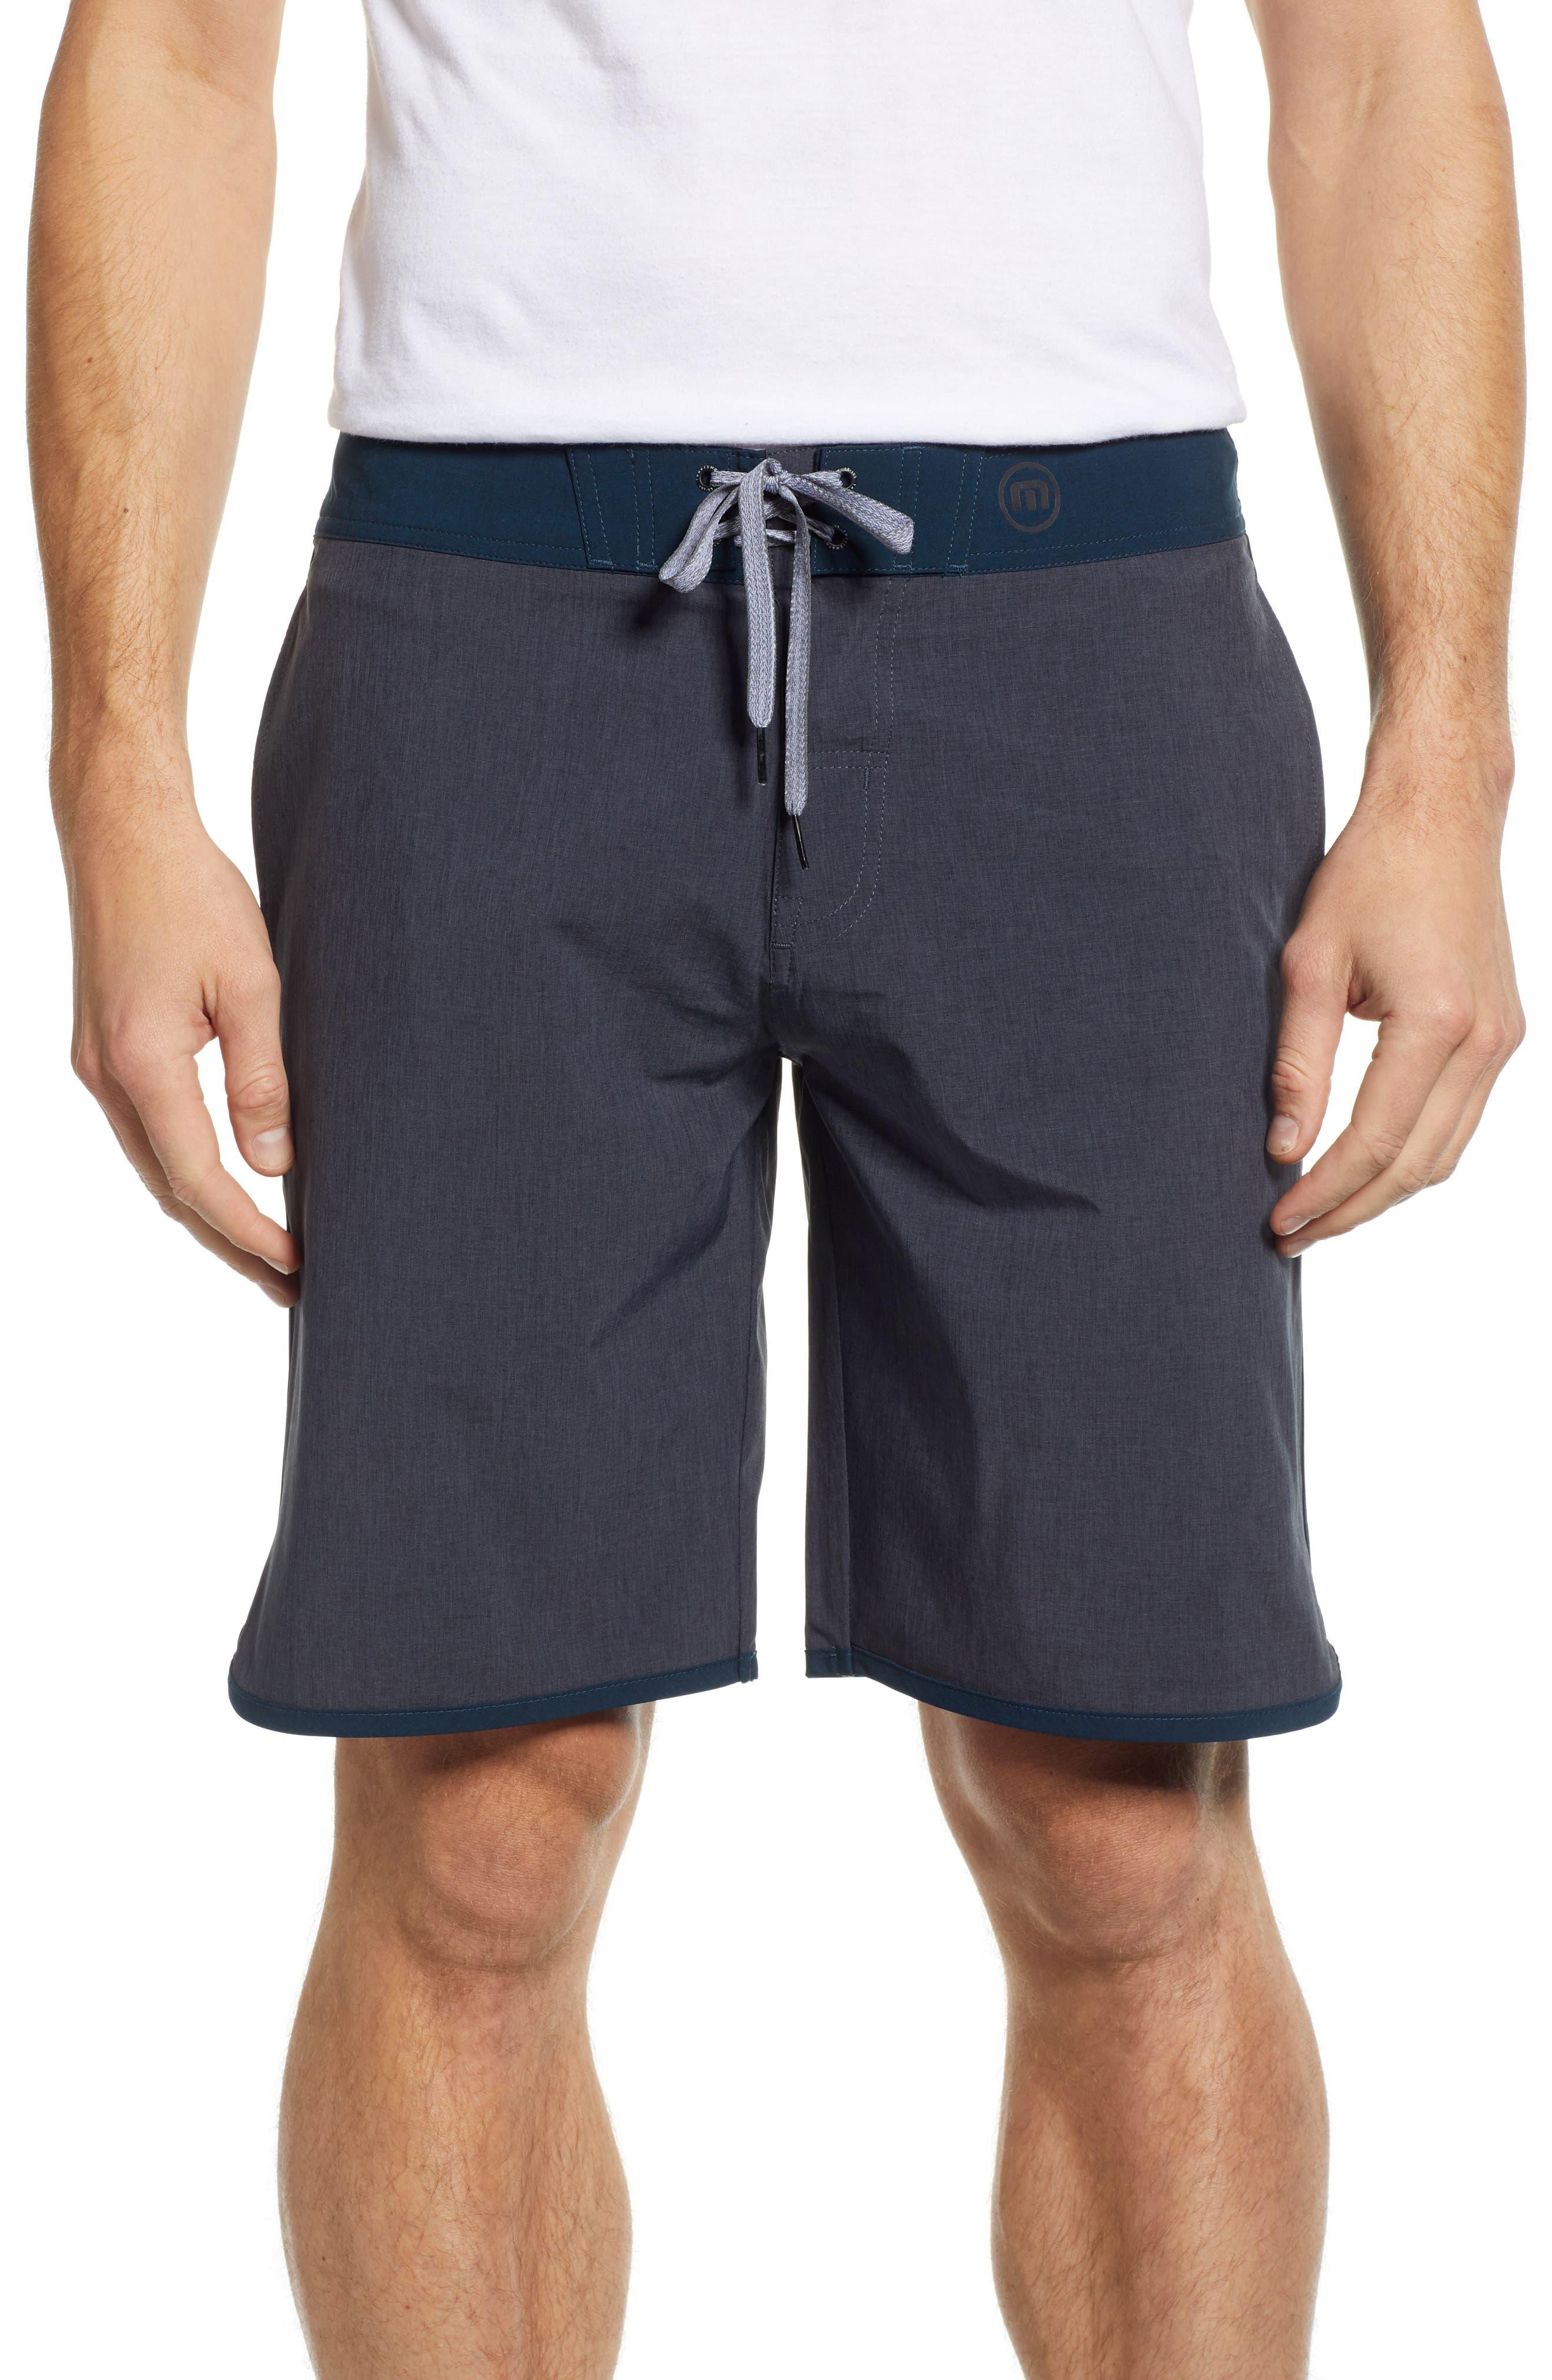 Yoni Hybrid Shorts,                             Main thumbnail 1, color,                             HEATHER BLACK